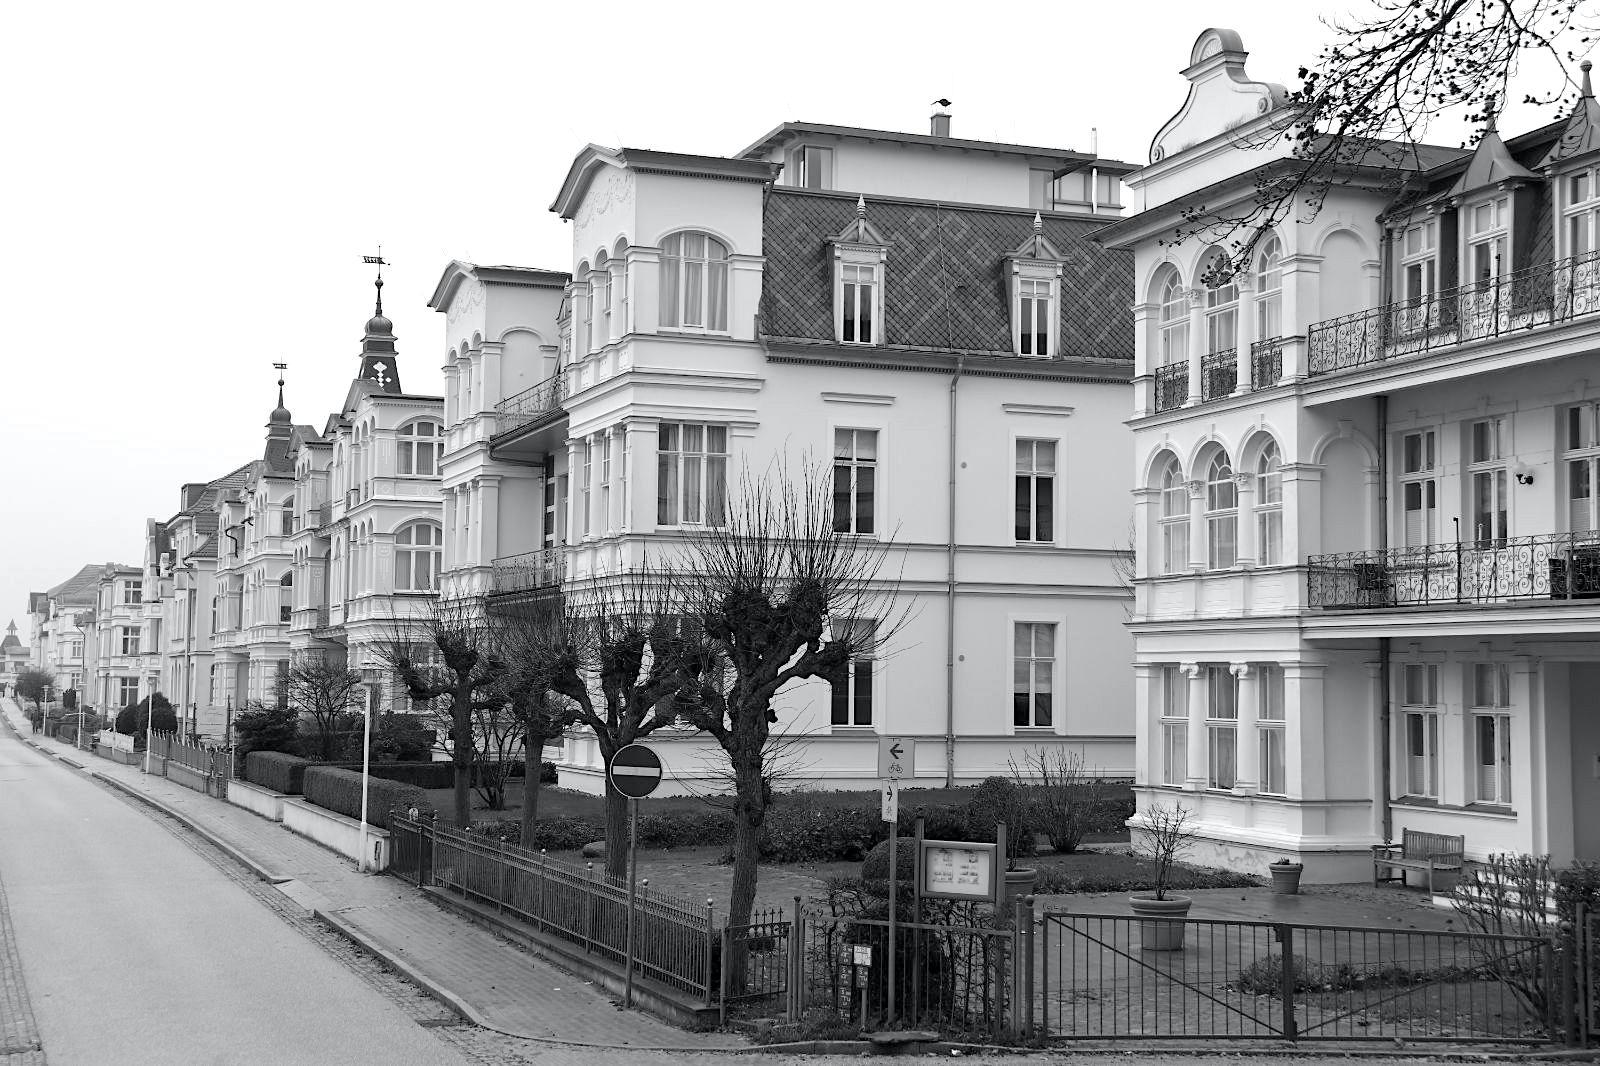 Bansin. Die Villenreihe der Bergstraße ist eine der längsten zusammenhängenden Ensembles der Bäderarchitektur.